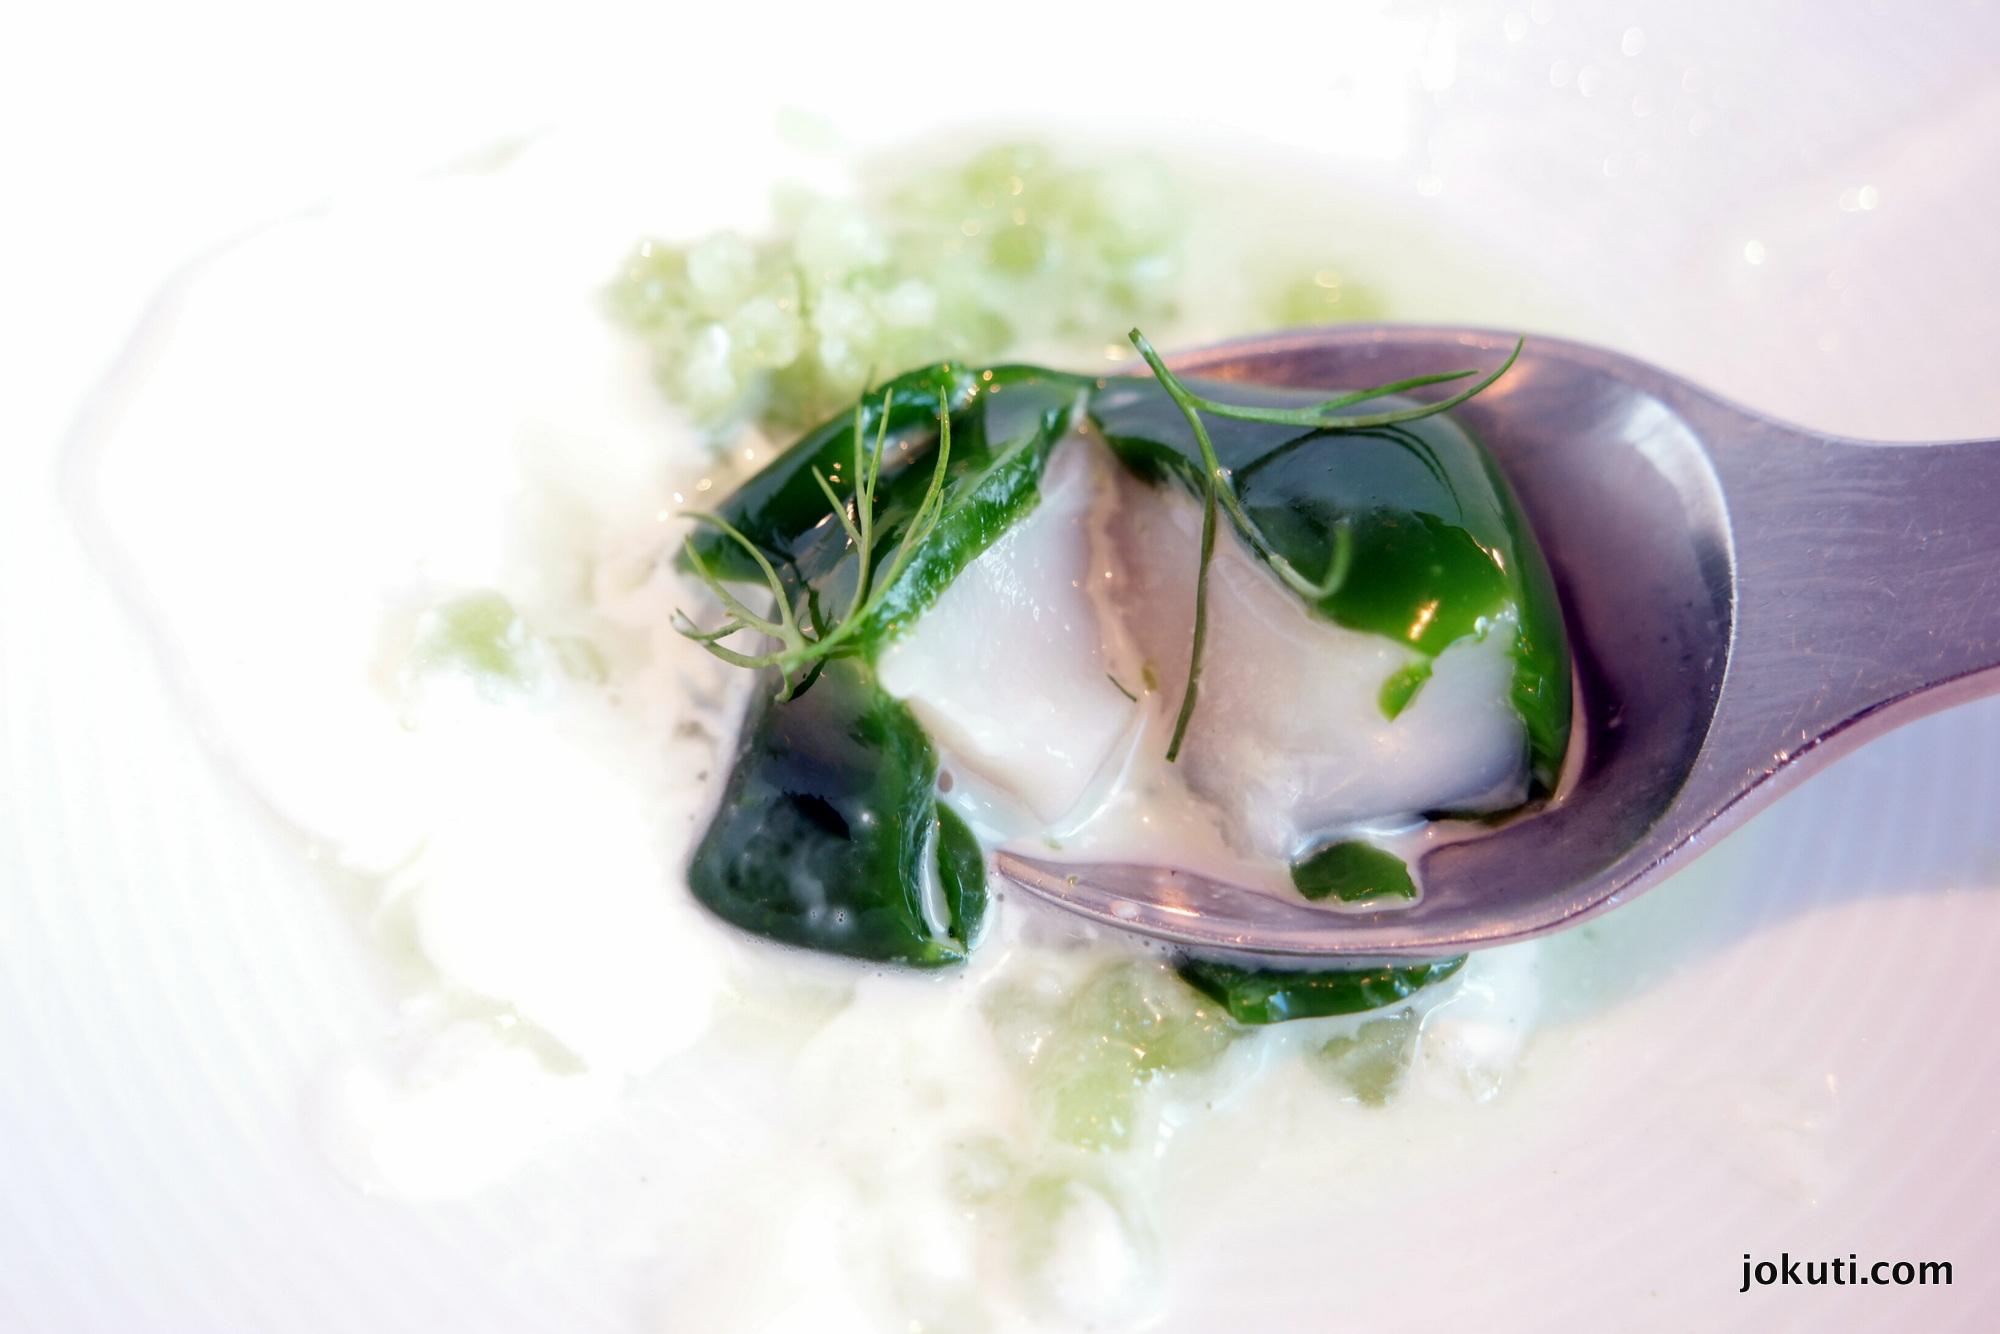 A kagyló<br />'Kaporkő' - Szent Jakab kagyló, torma és savanyított uborka szorbé<br />Az egyik leghíresebb Geranium-klasszikus. Fantasztikusan friss íz, meglepő módon erősen emlékeztet a tejfölöd uborkasalátára :)